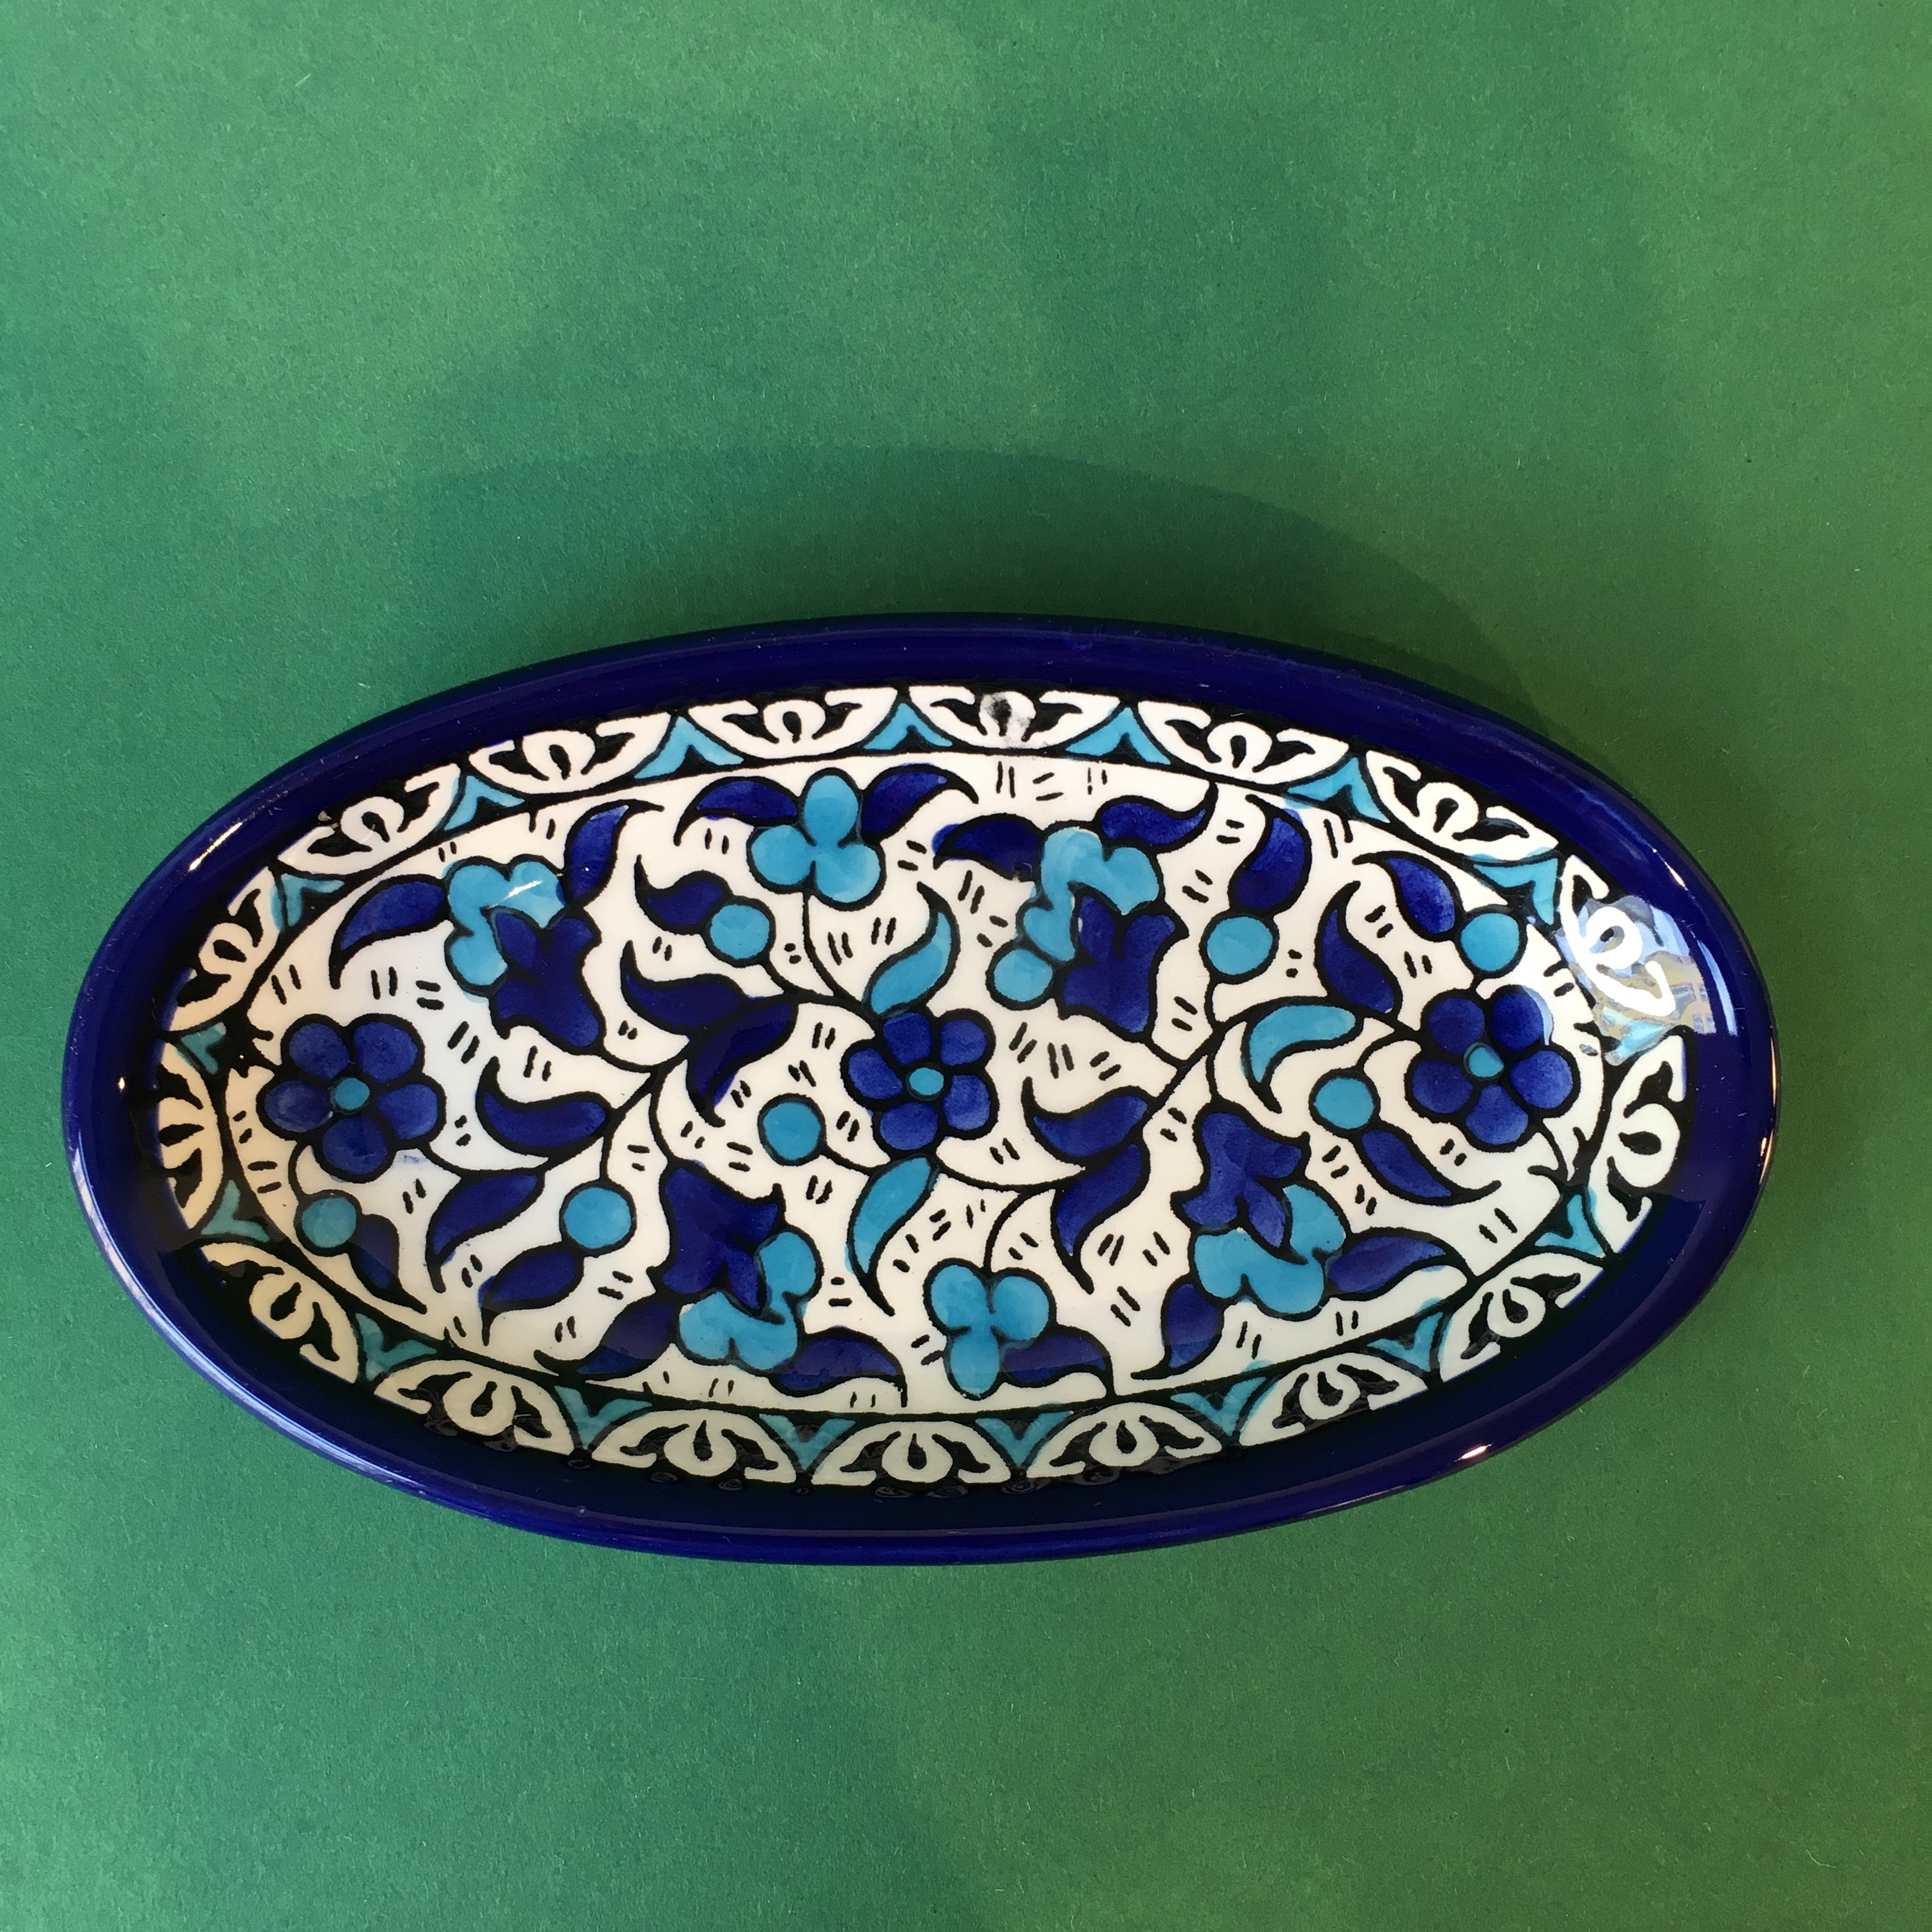 Ovalt keramikkfat, blått og lyseblått